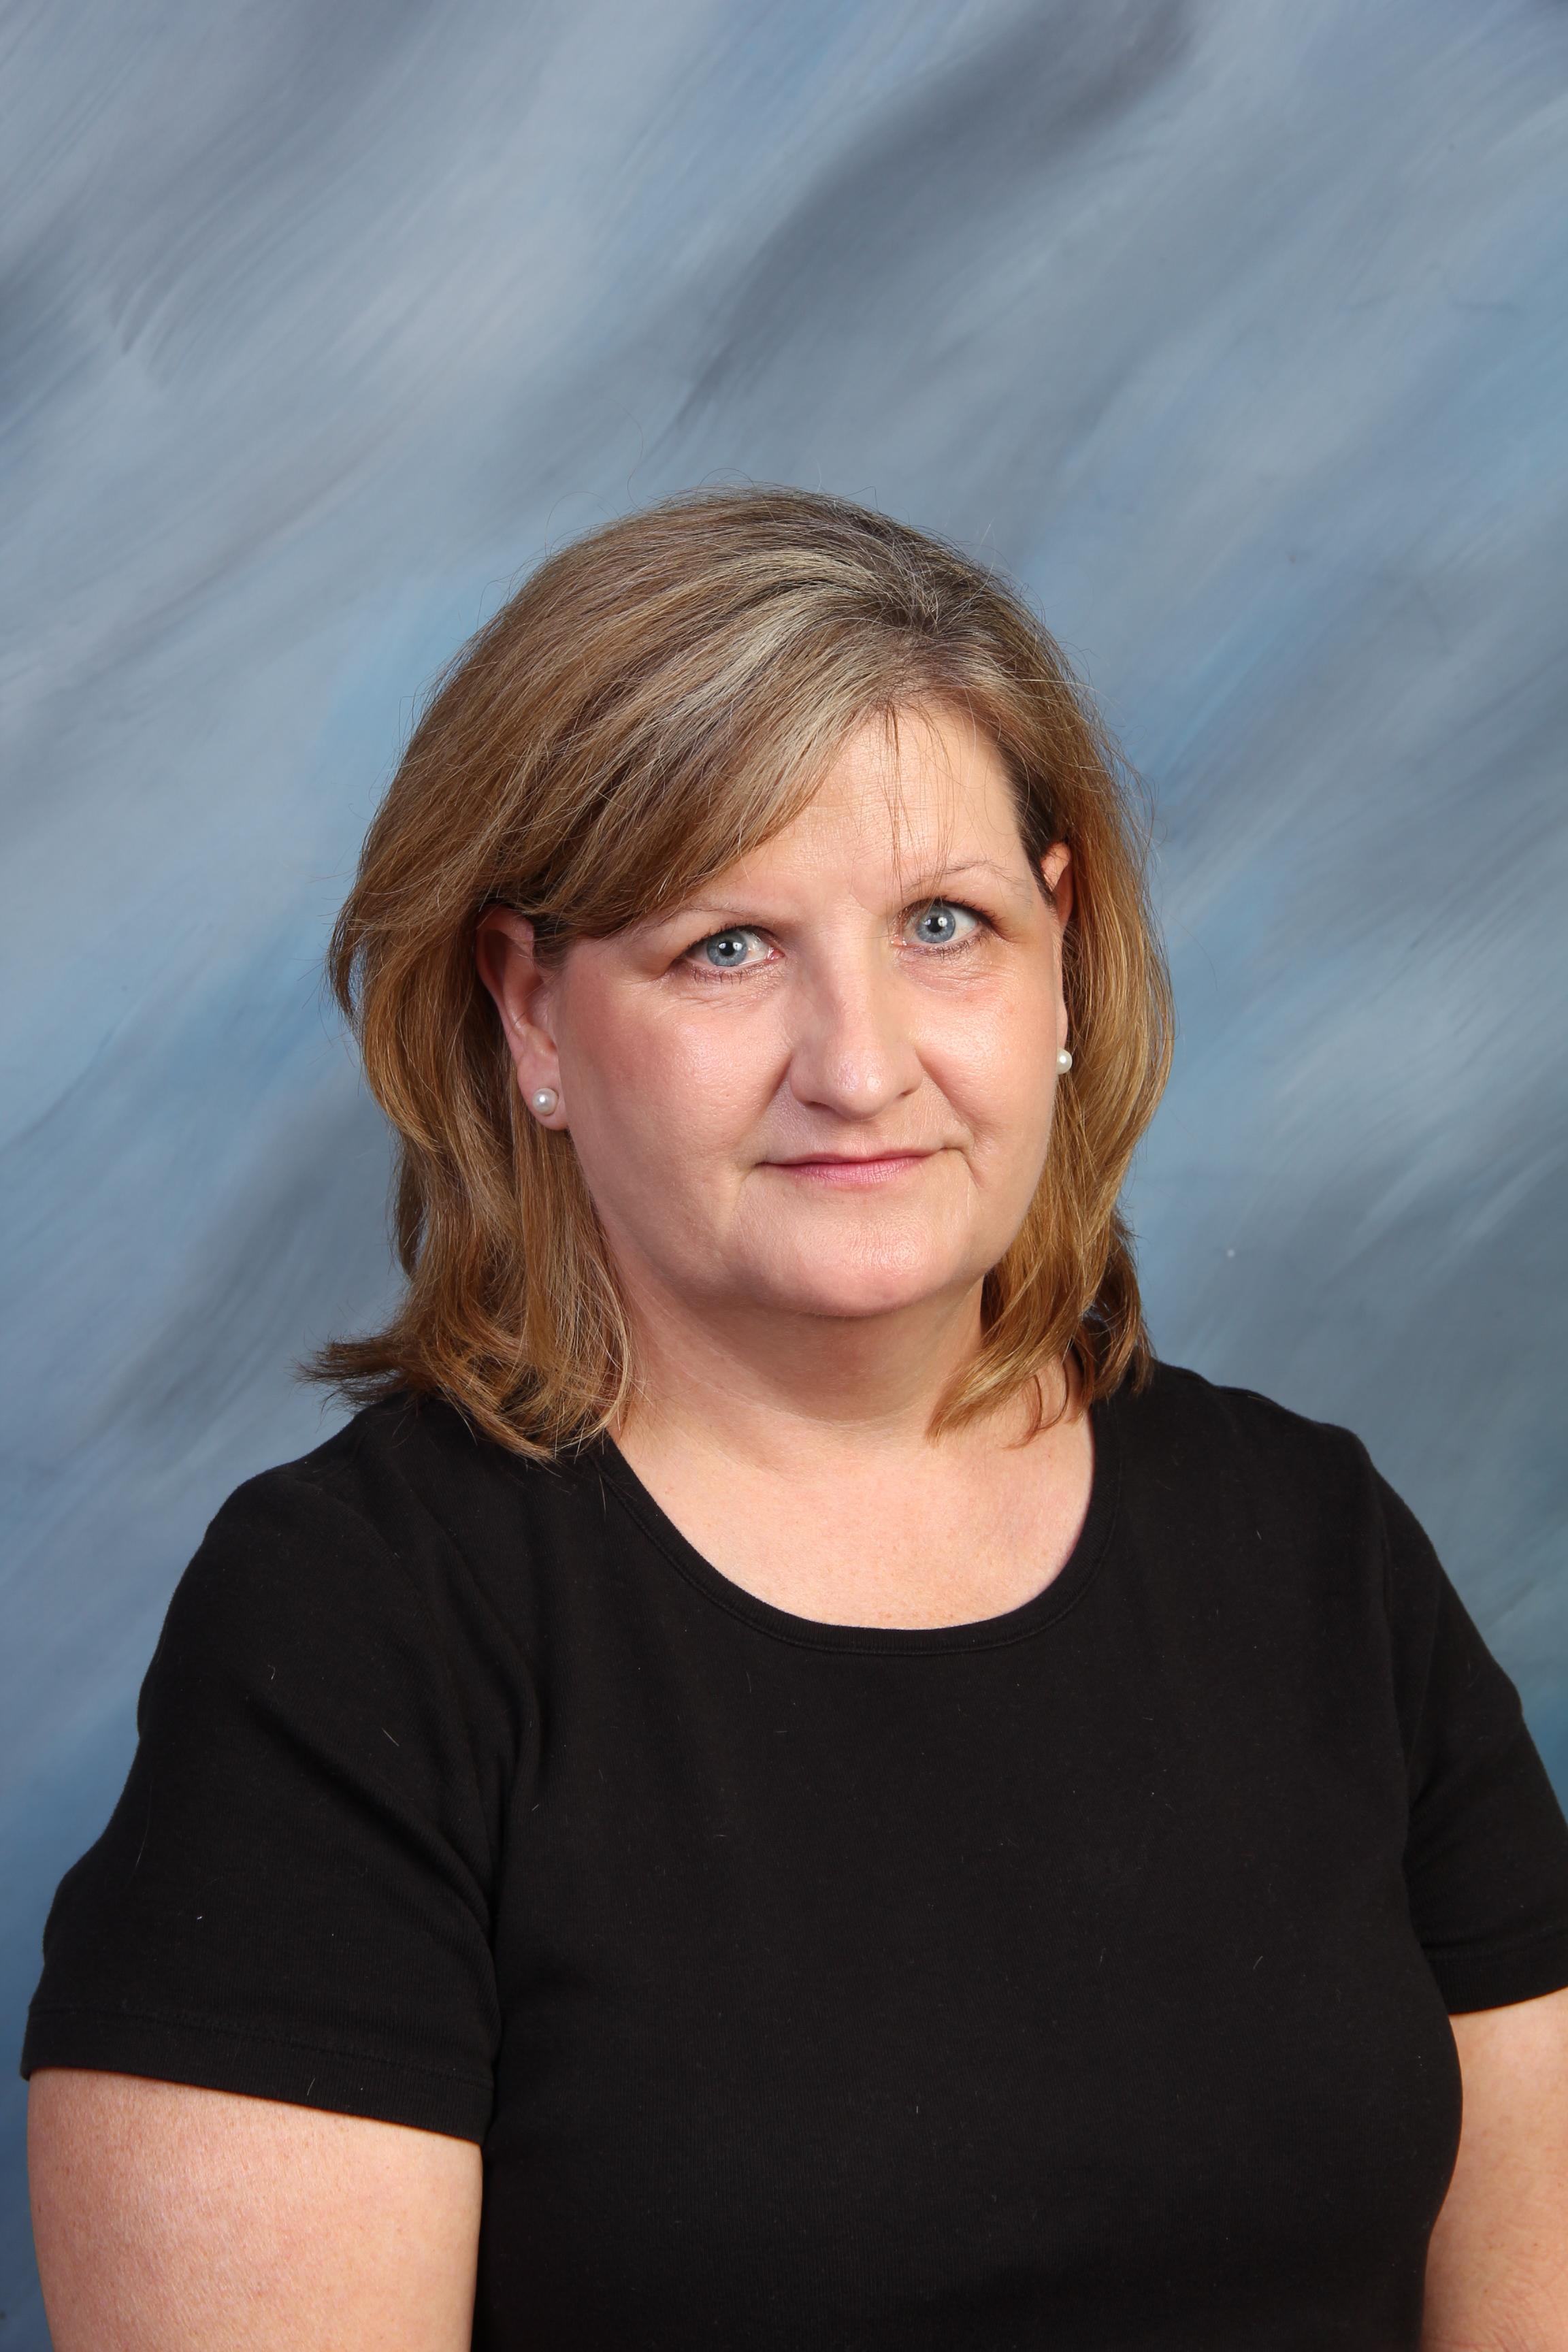 Melanie McIntyre